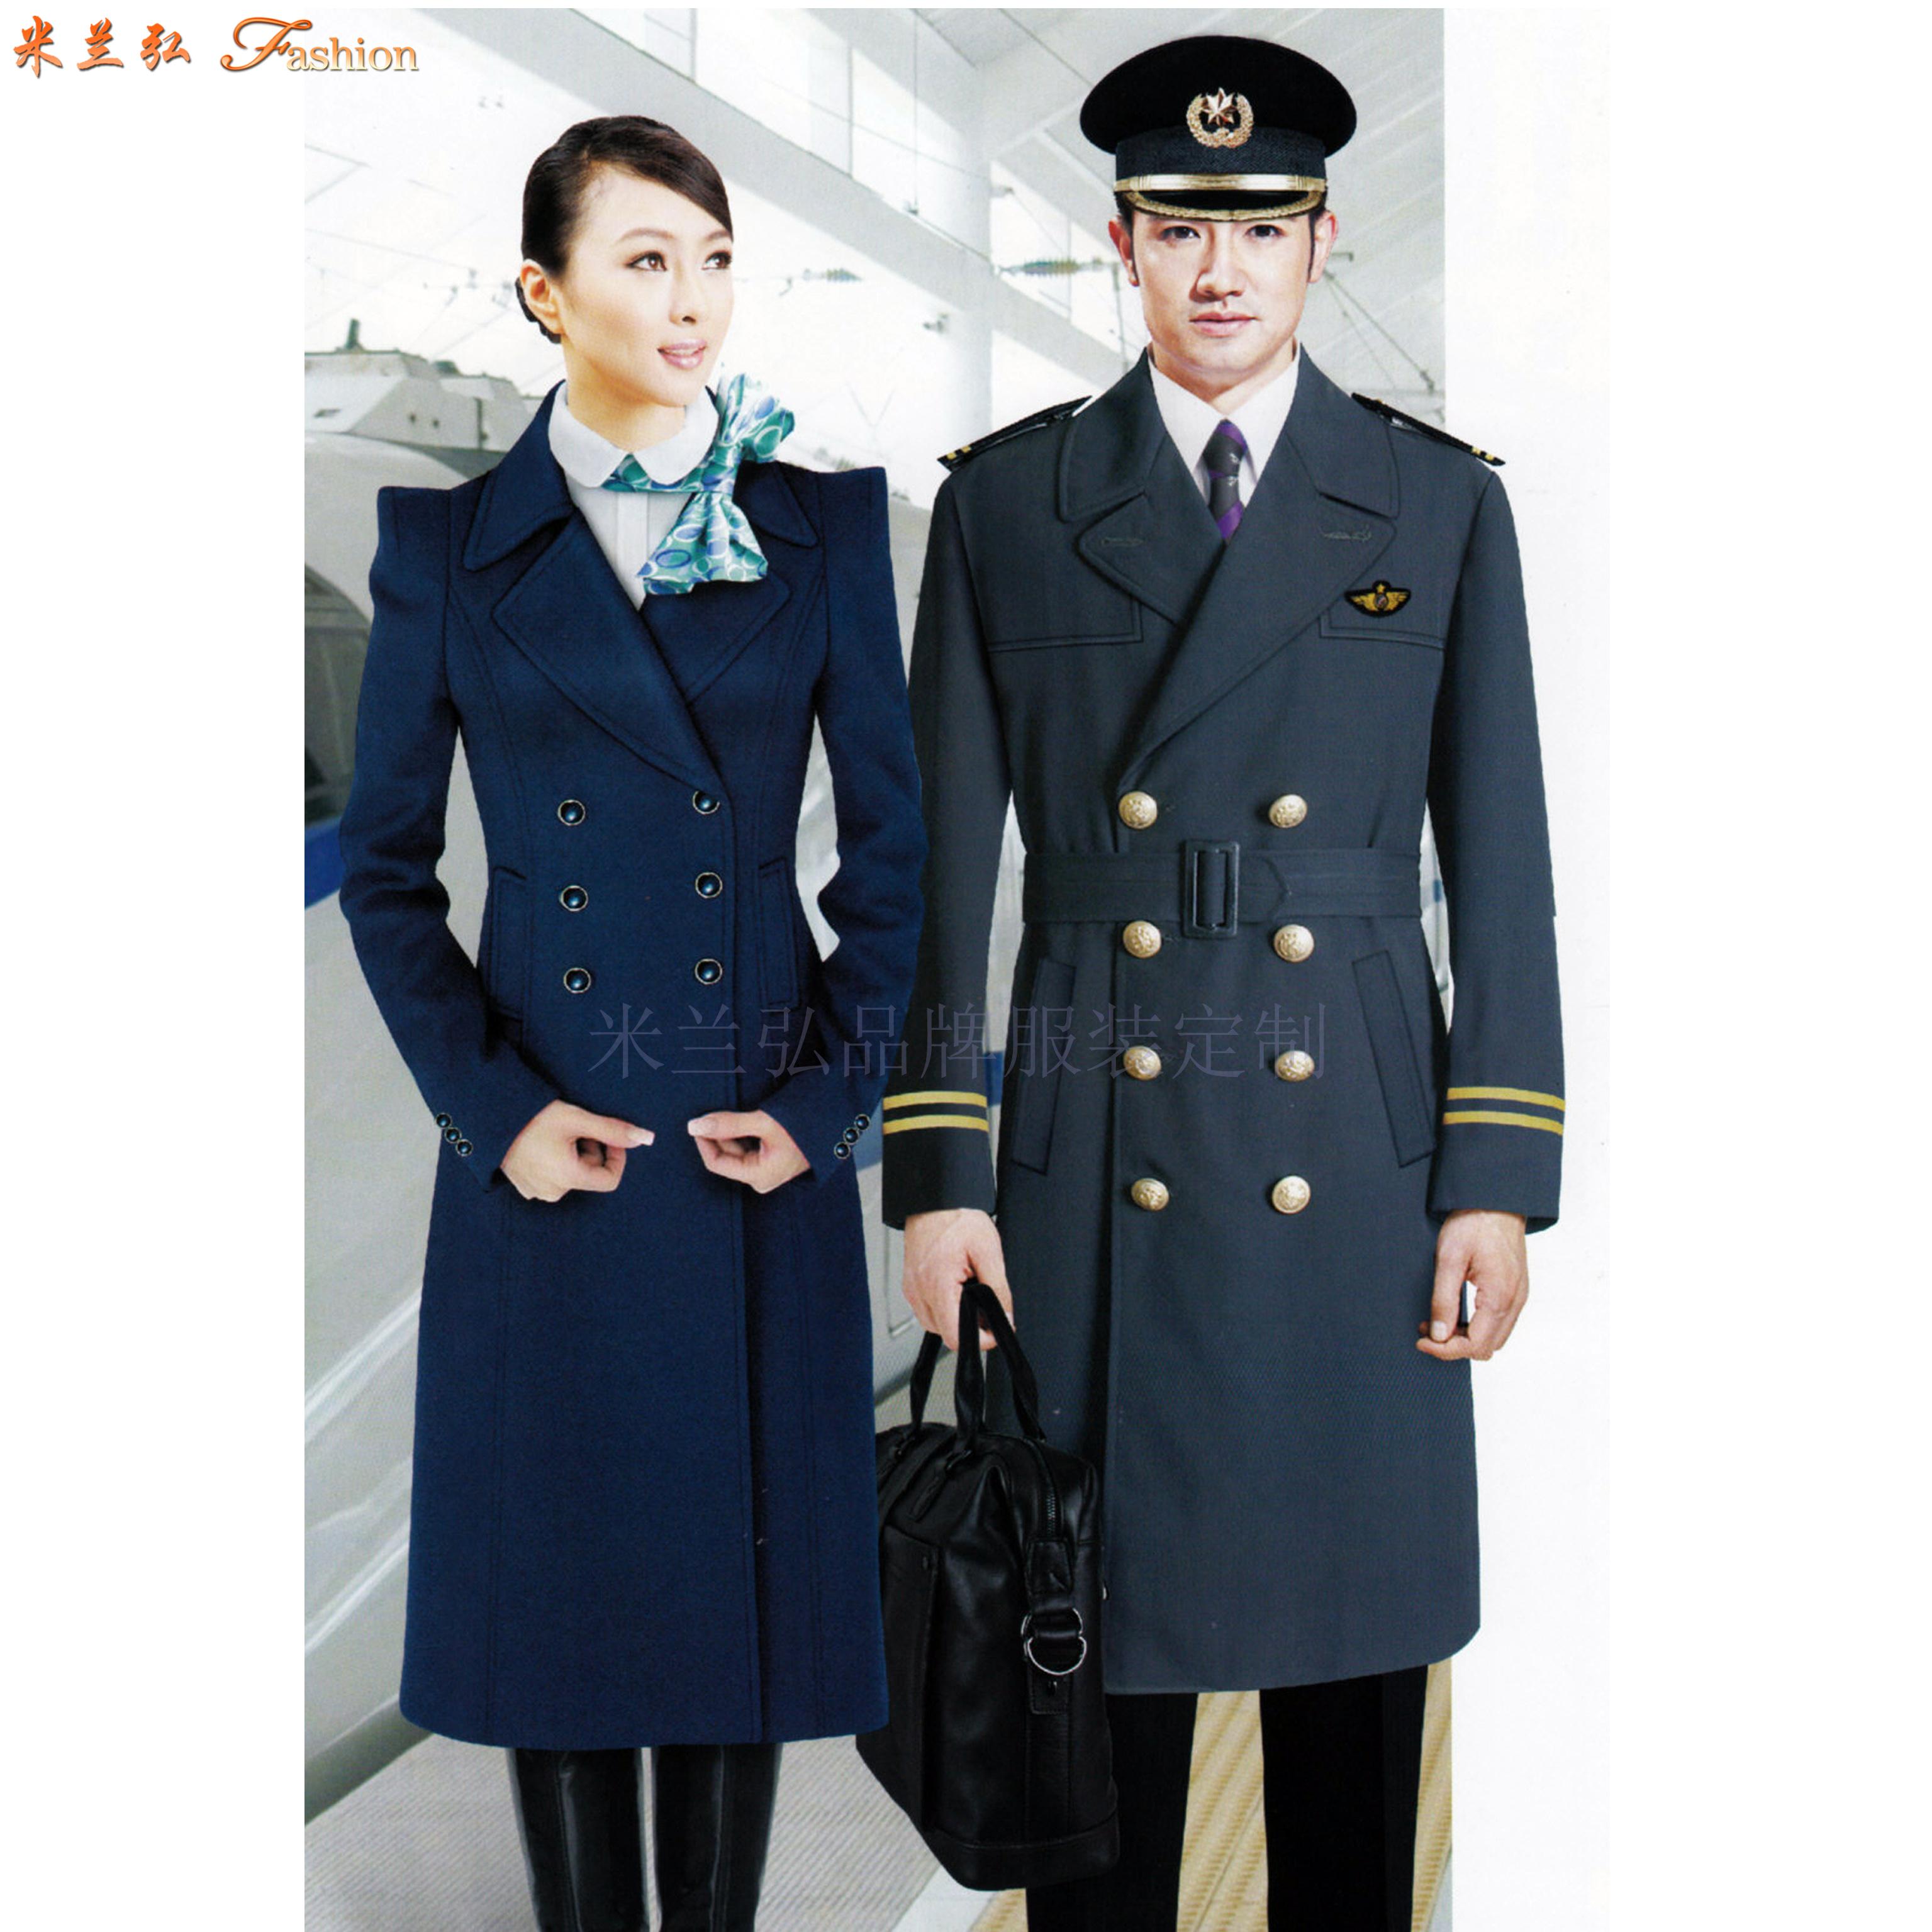 「航空高鐵大衣」采購批發市場優質高鐵大衣價格品牌廠商_米蘭弘-2